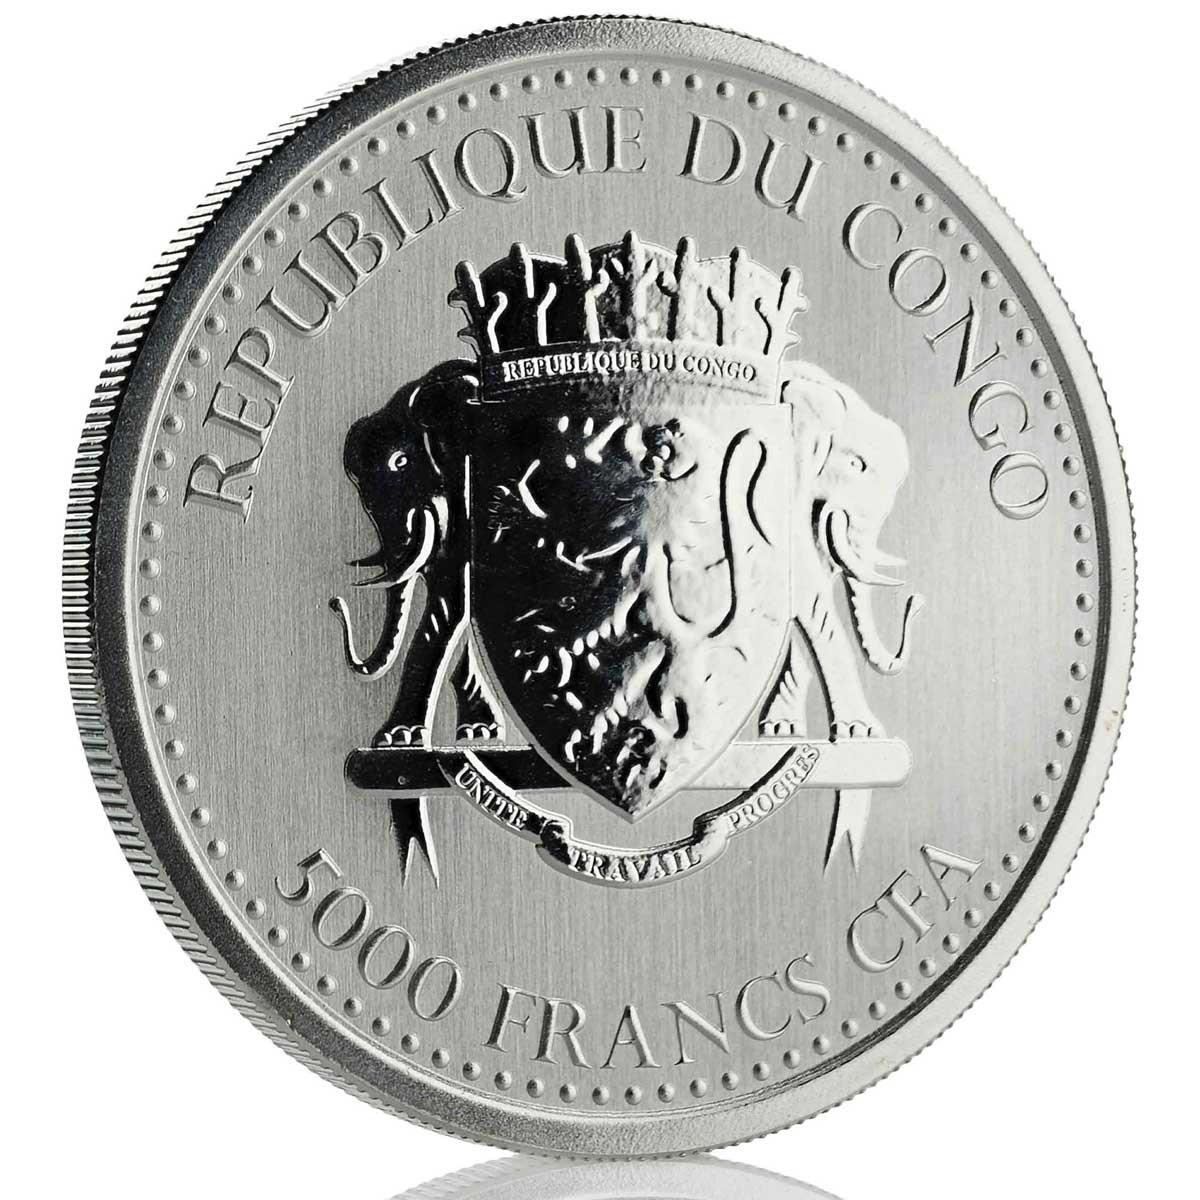 Конго монета 5000 франков КФА Горилла, аверс